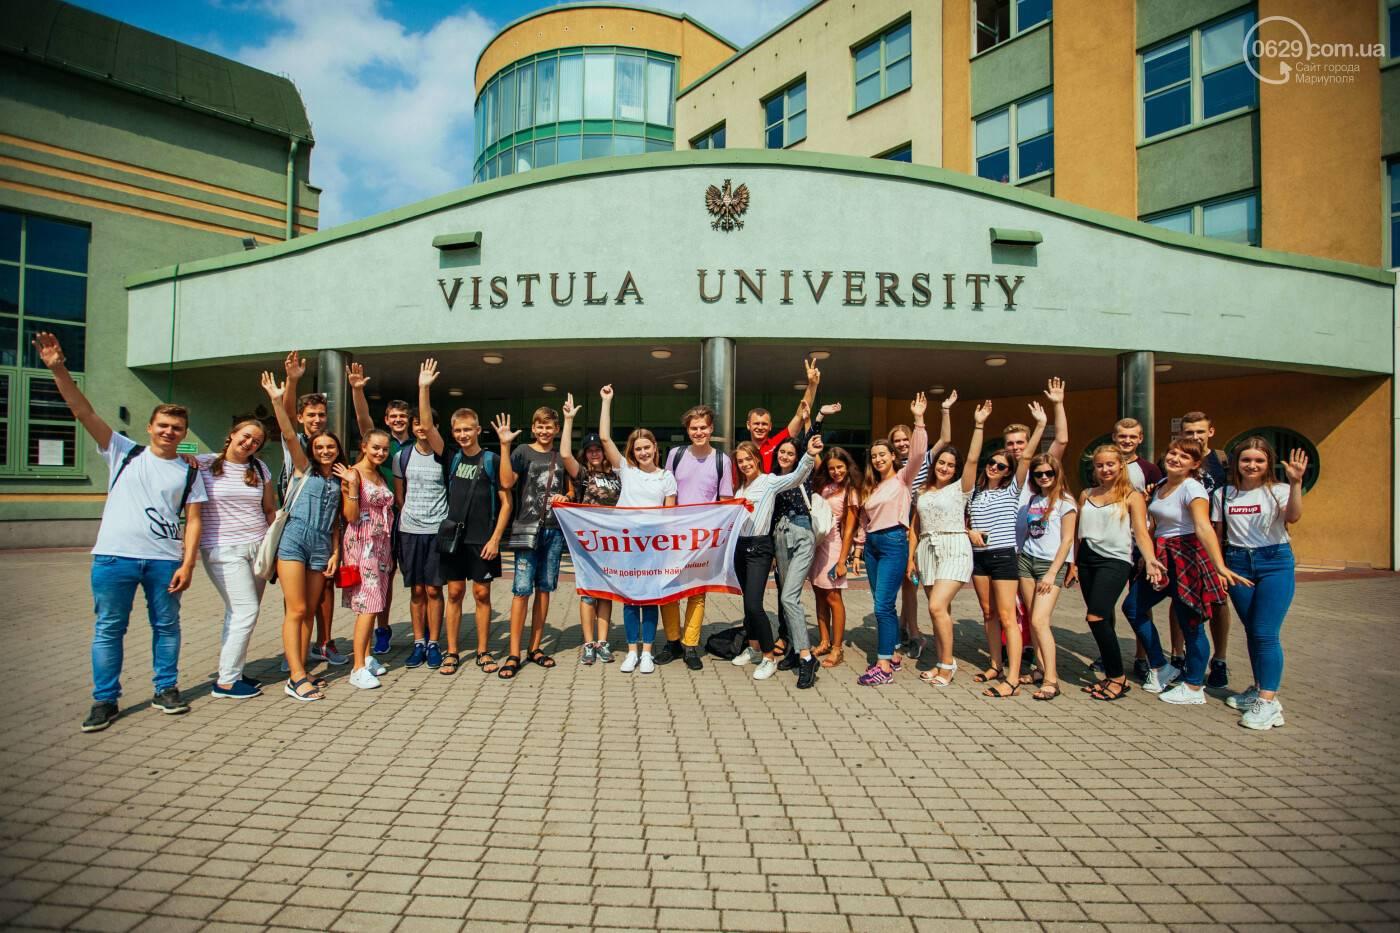 Учебные заведения варшавы. университеты варшавы (16 вузов) ᐈ все об обучении в г. варшава, польша | проект «образование без границ»